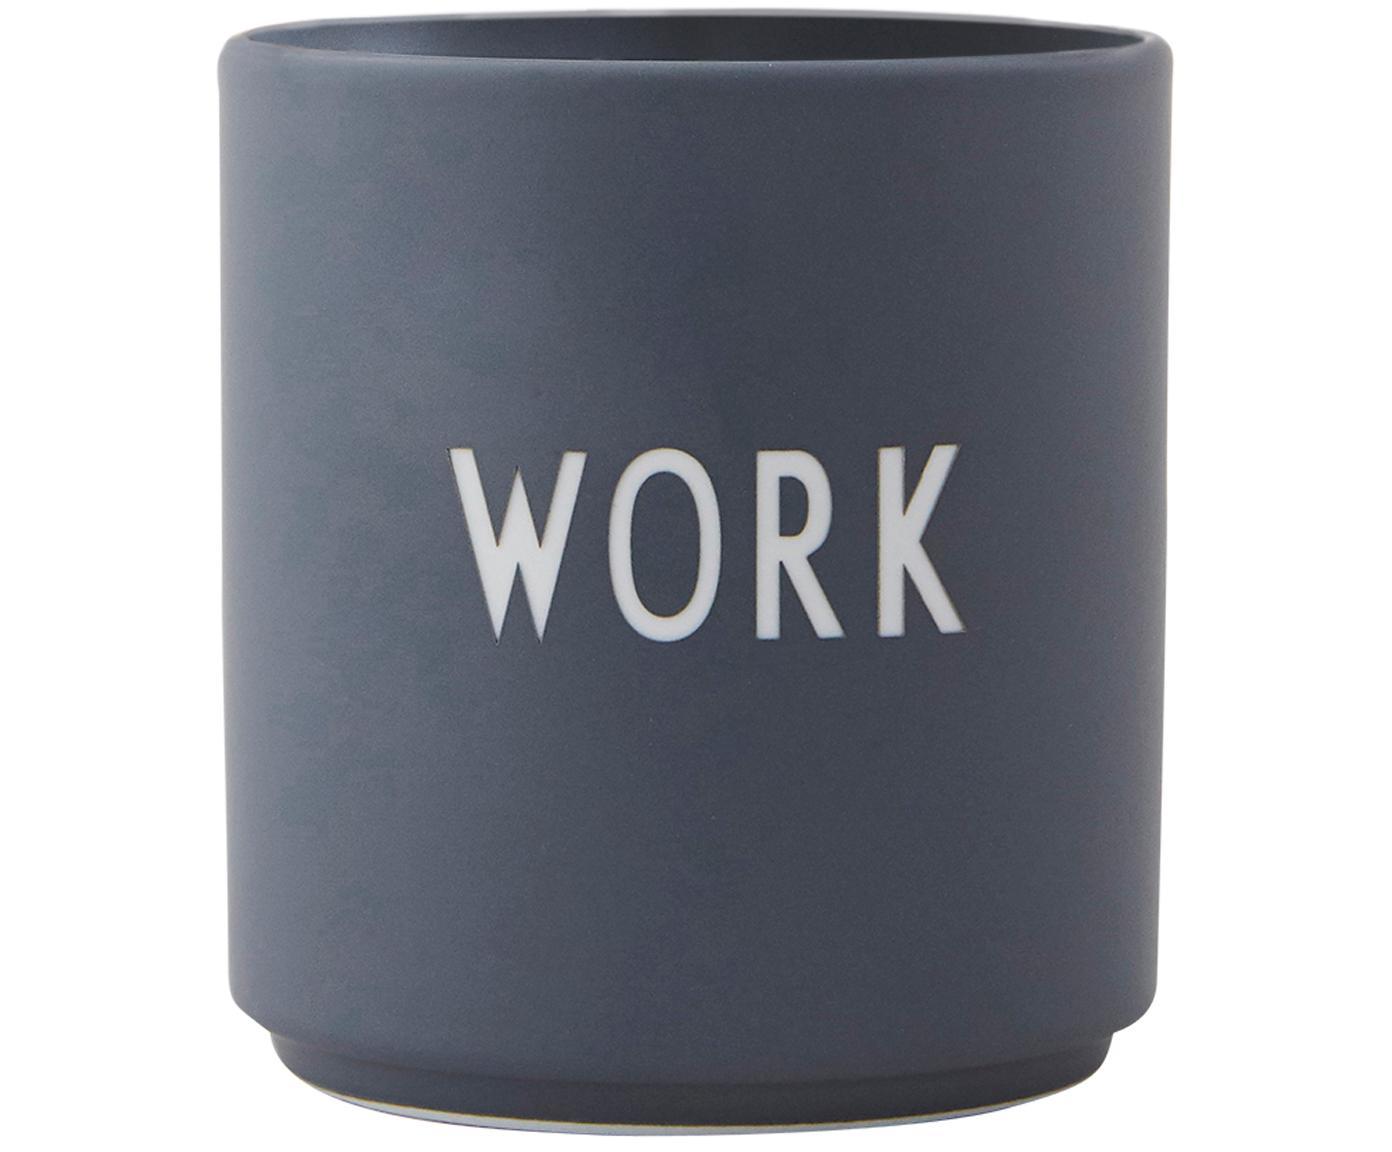 Design Becher Favourite WORK in Dunkelgrau mit Schriftzug, Fine Bone China (Porzellan), Grau, Weiß, Ø 8 x H 9 cm